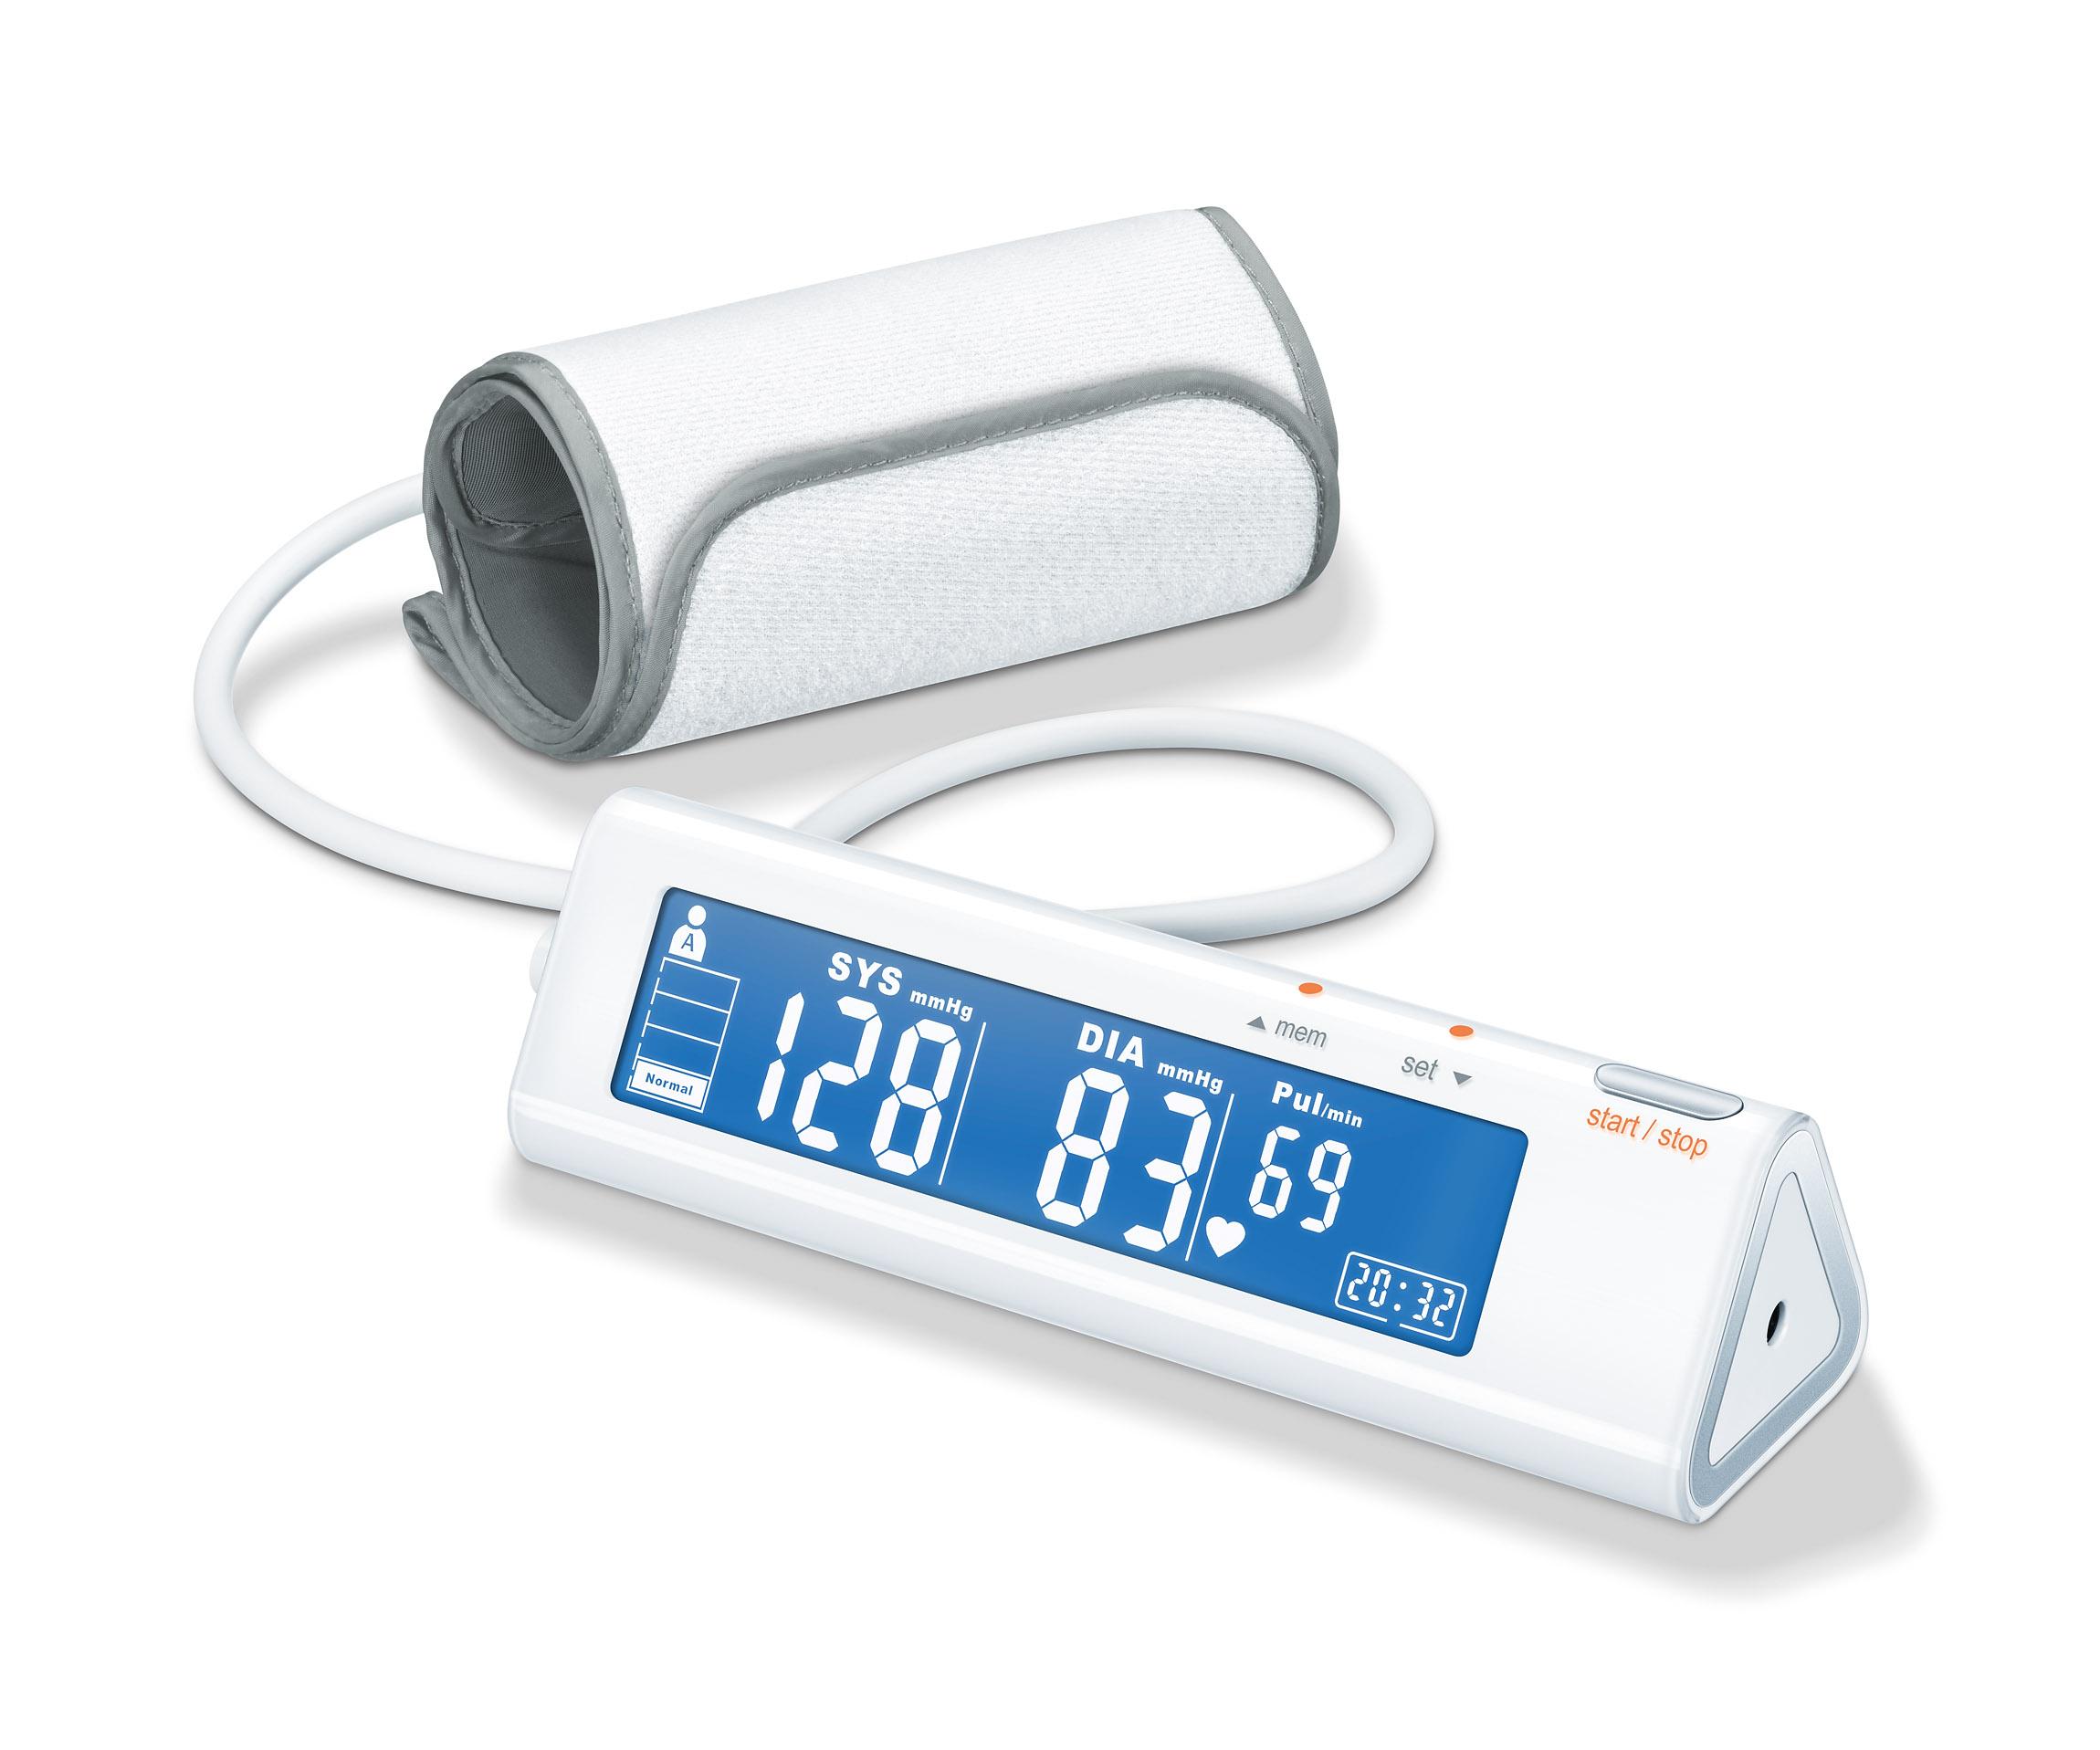 Beurer BM90 Blutdruckmessgerät: Gesundheitsüberwachung mit Stil - Beurer BM90 Blutdruckmessgerät: Gesundheitsüberwachung mit Stil